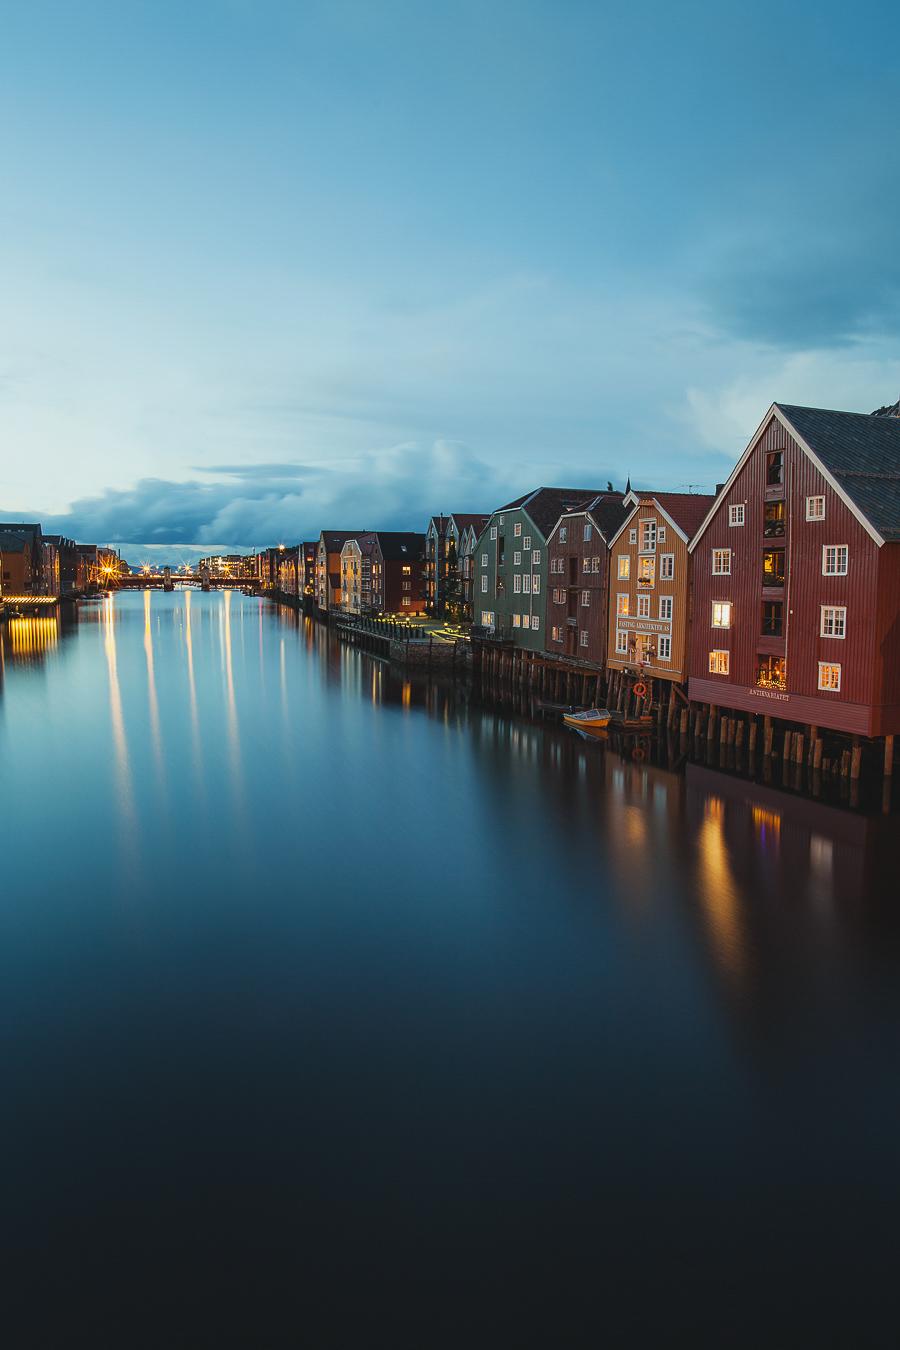 Bakklandet in Tromsø reflected in Nidelva